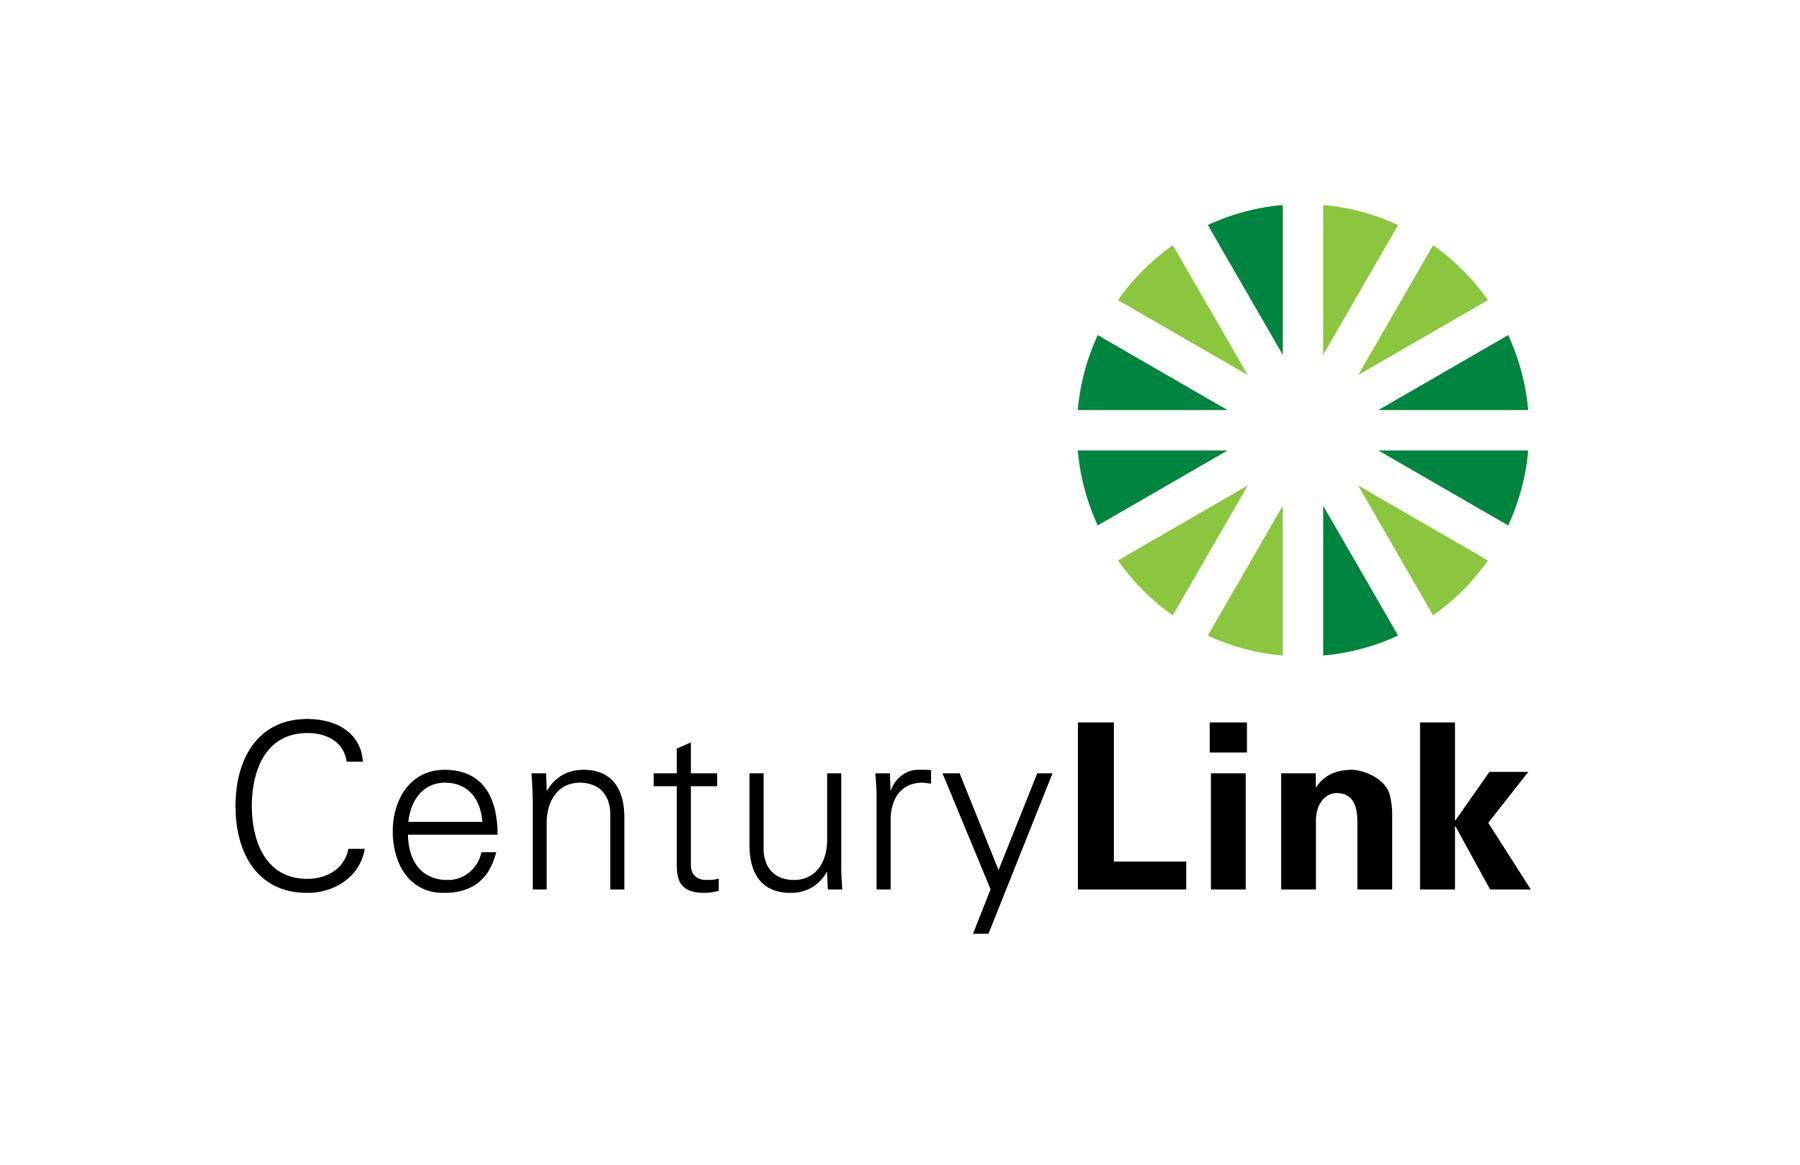 CenturyLink says 911 services were restored around 1:30 p.m. on Wednesday.